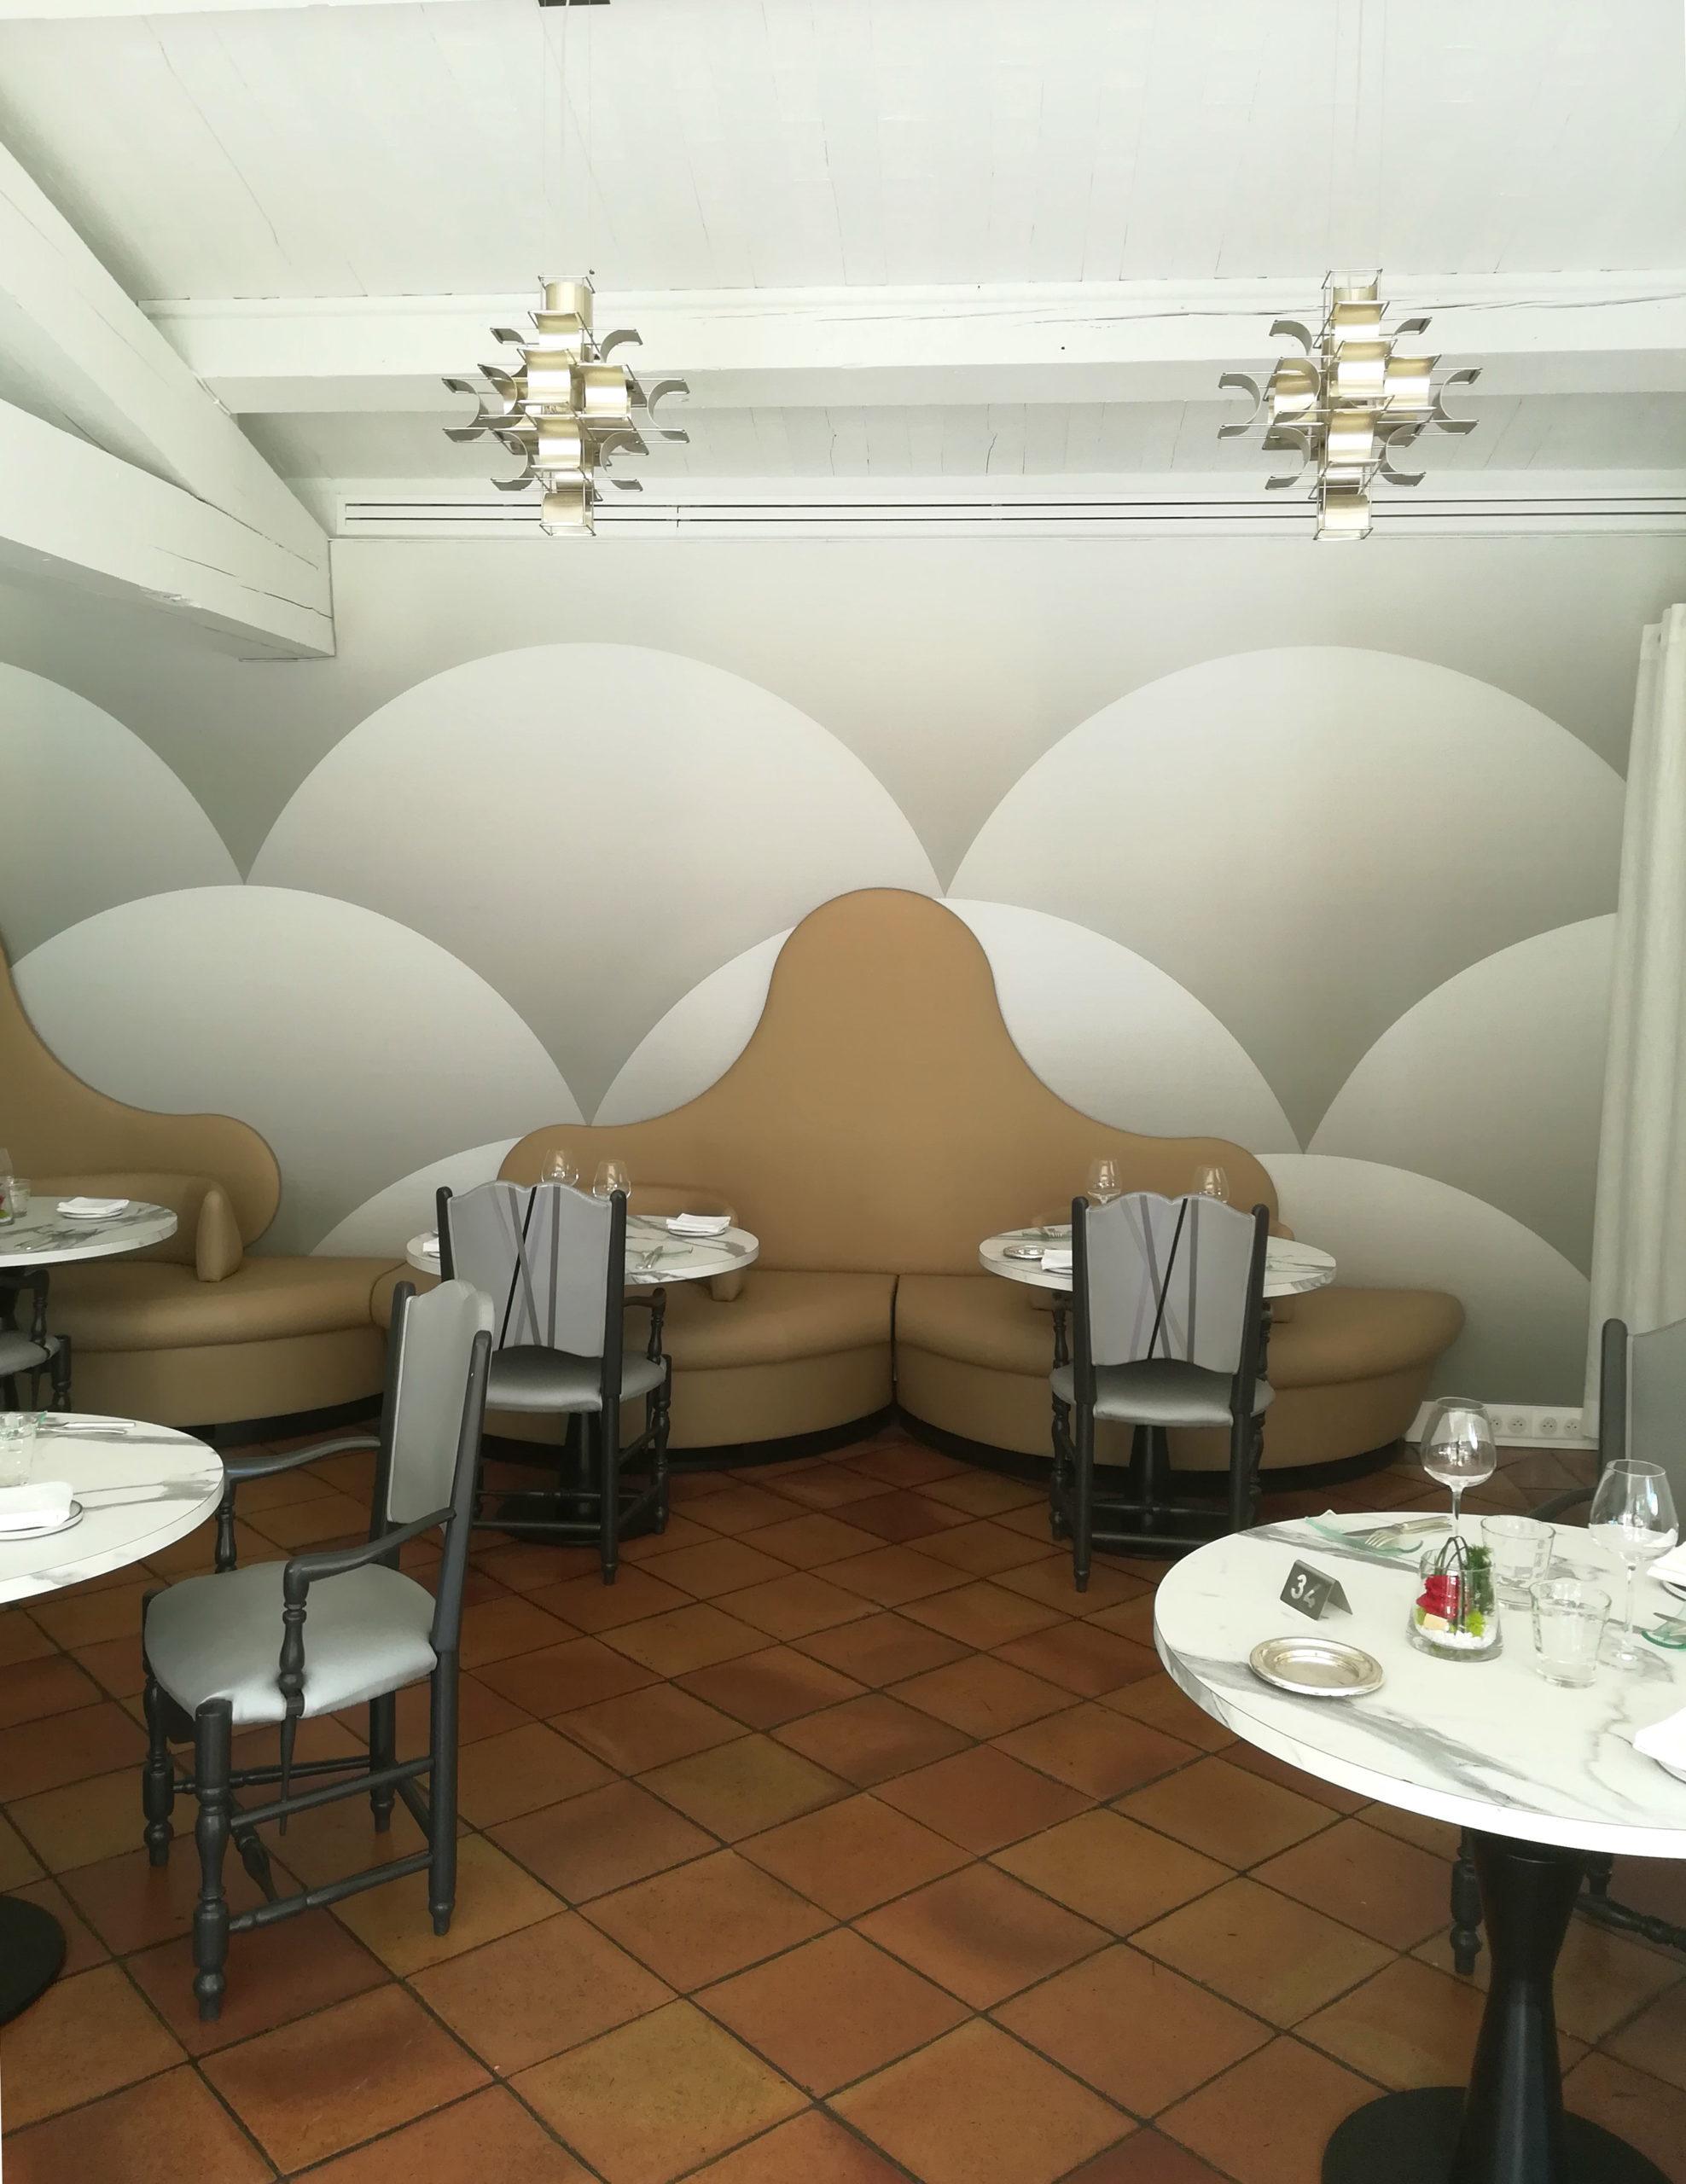 https://amelie-bouchez.fr/wp-content/uploads/2020/11/amelie-bouchez-restaurant-gastronomique-avignon-2-scaled.jpg